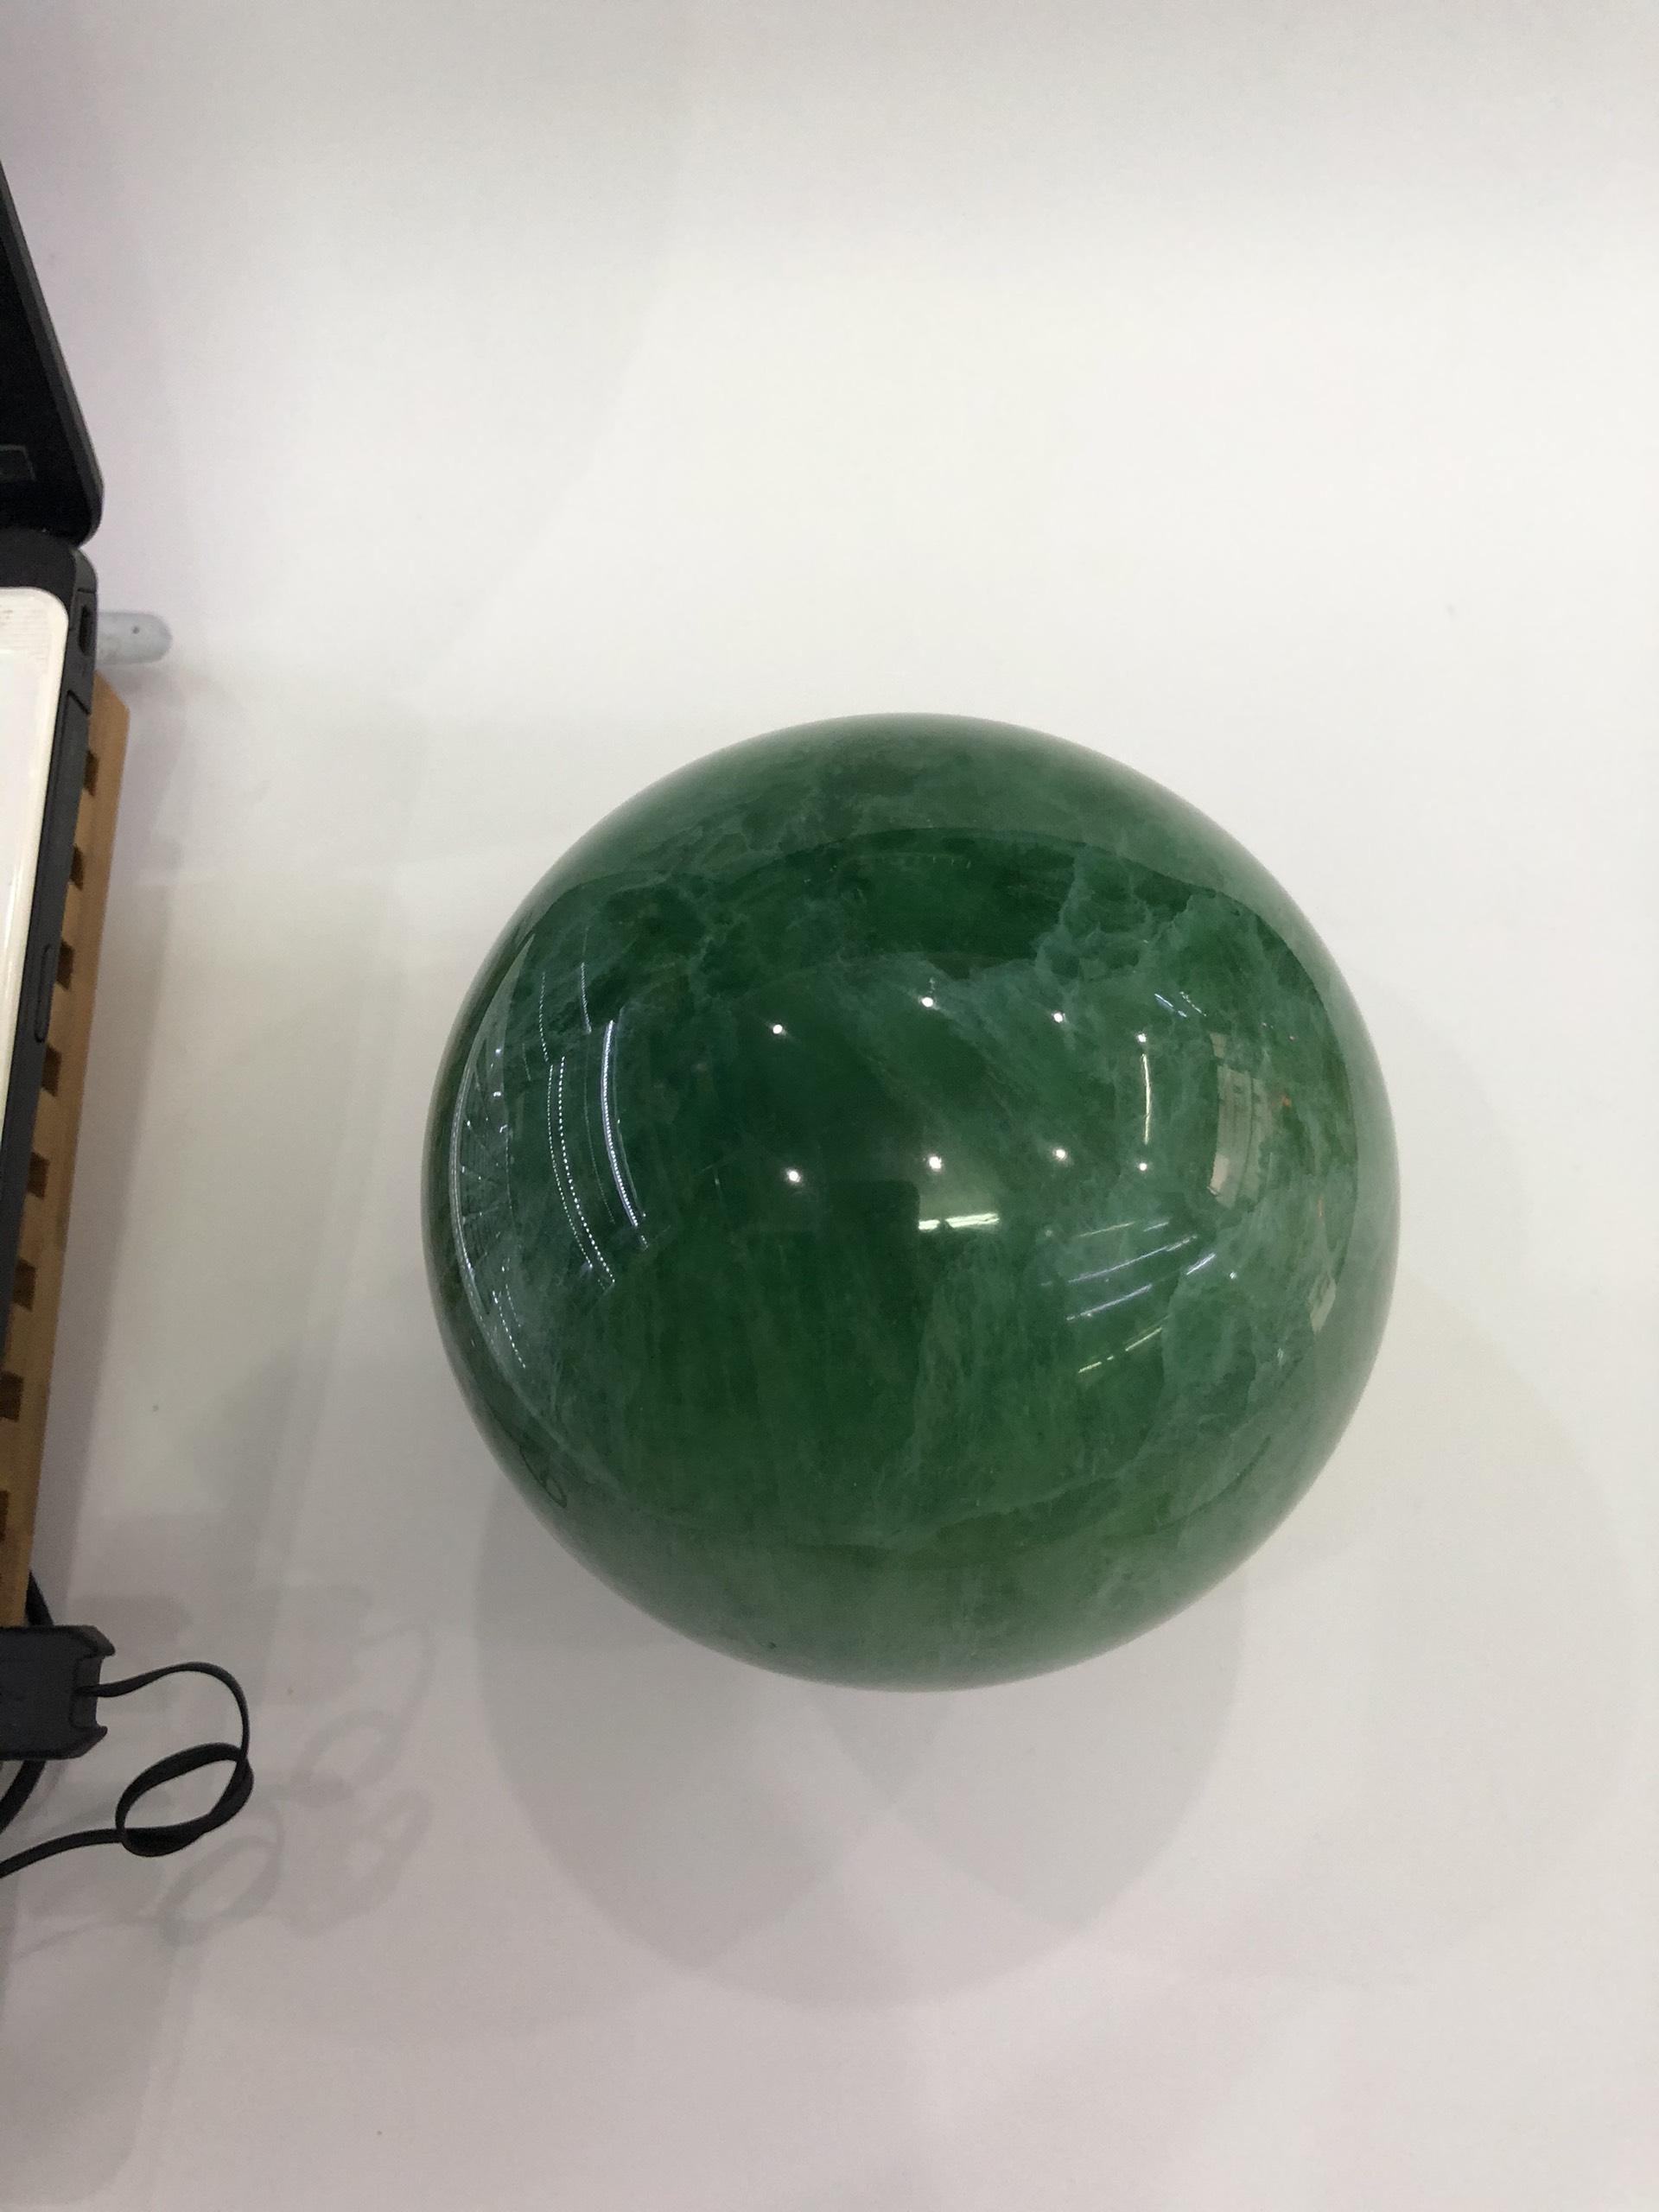 Quả cầu đá Thạch Anh Fluorit xanh lục 2,5kg - 11cm (tặng đế)